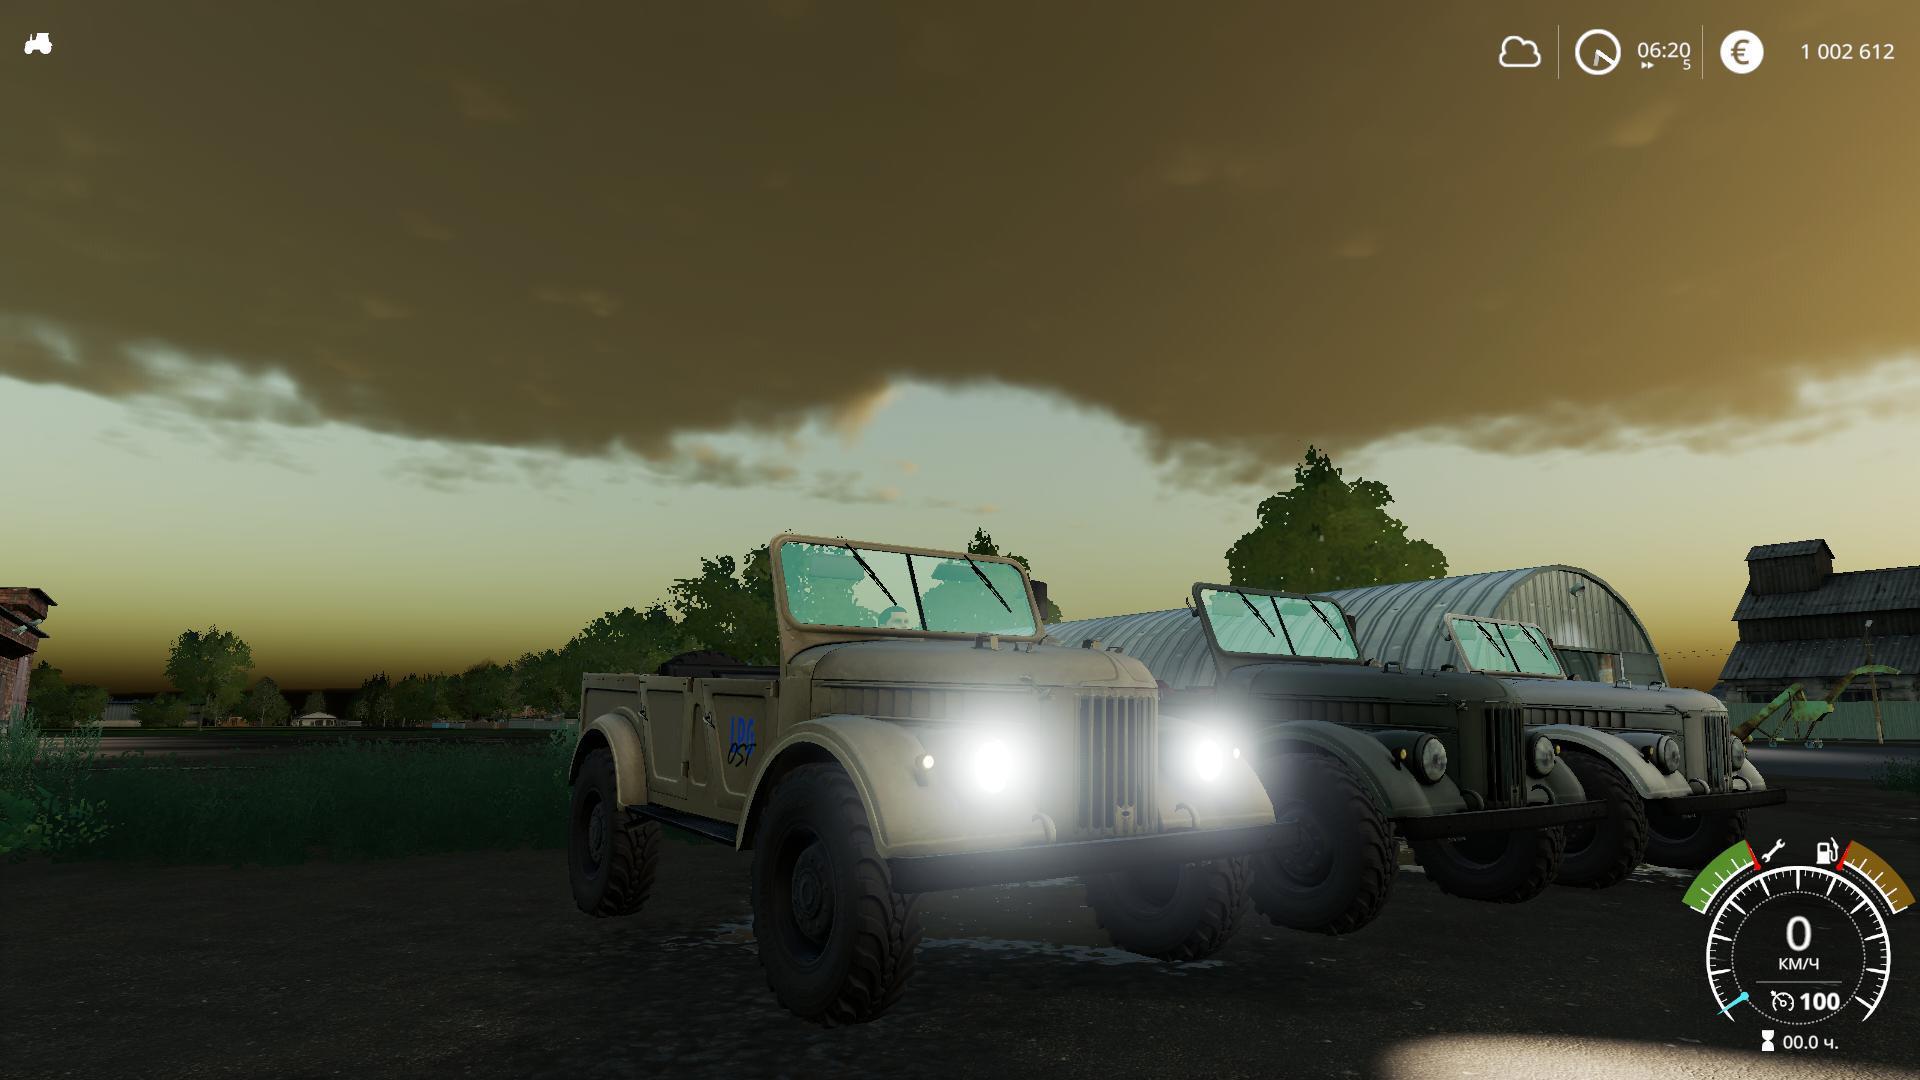 FS19 Mods, Farming Simulator 19 Mods